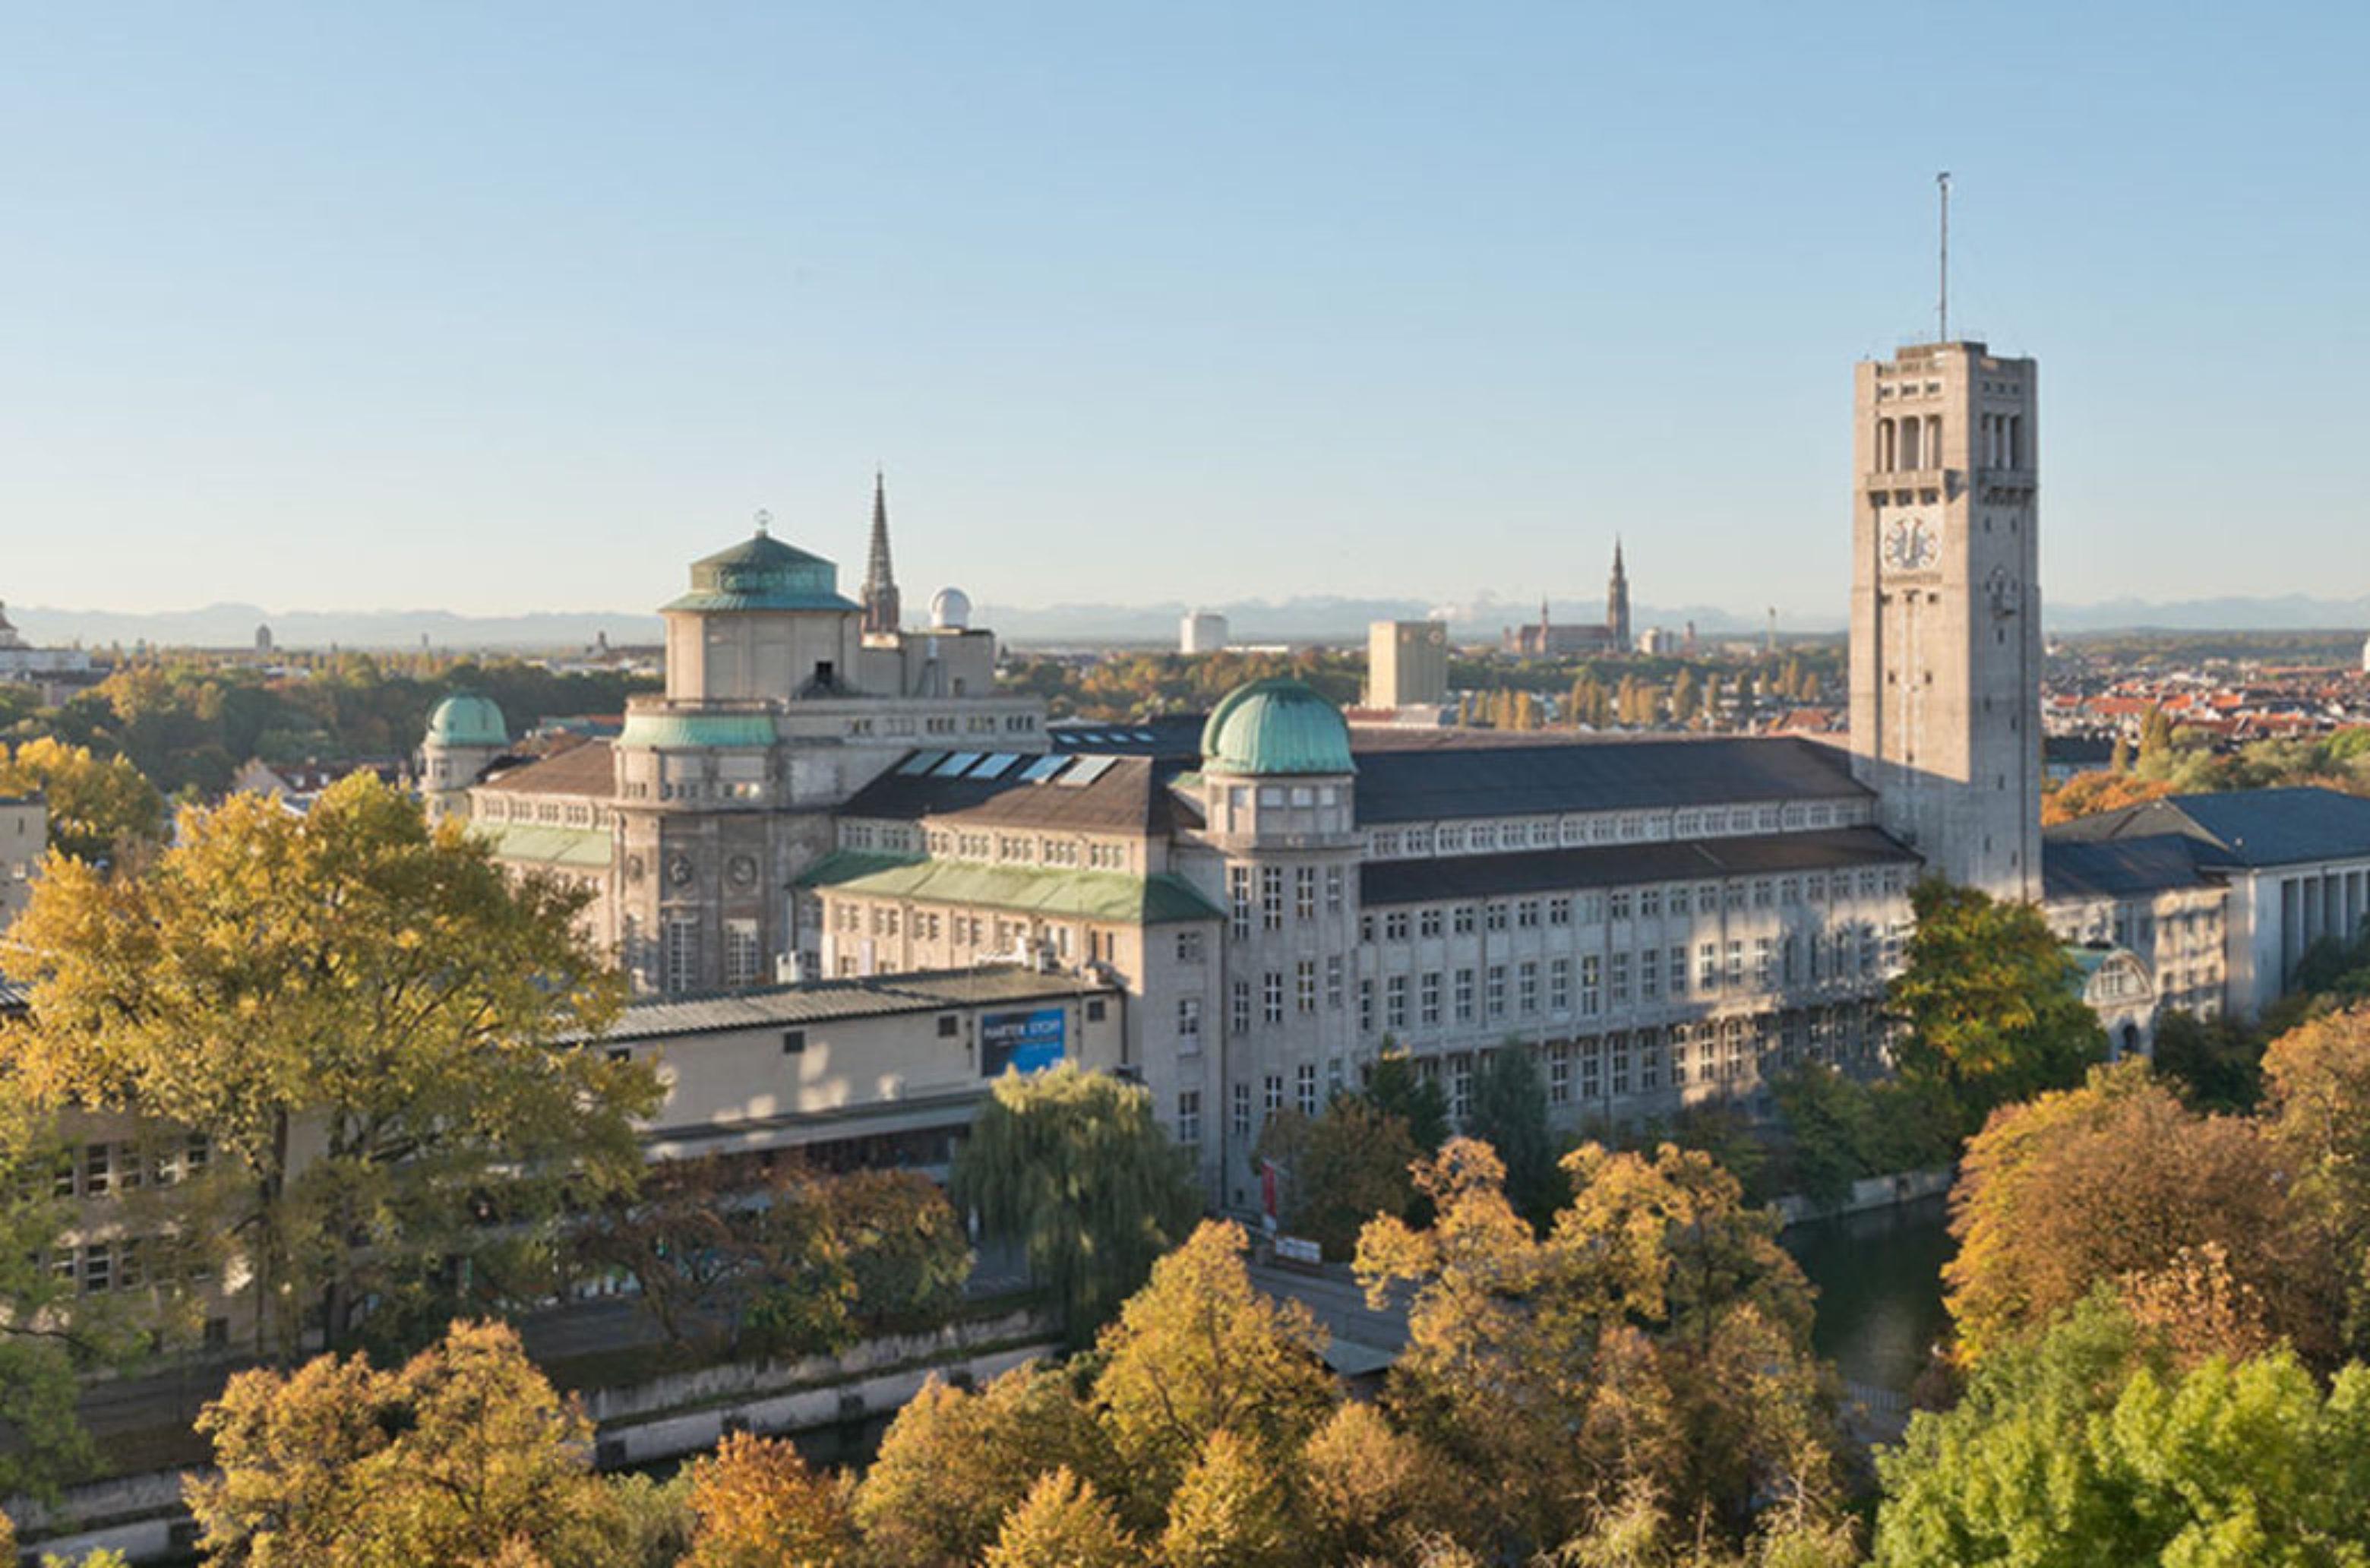 Deutsches Museum in Munich